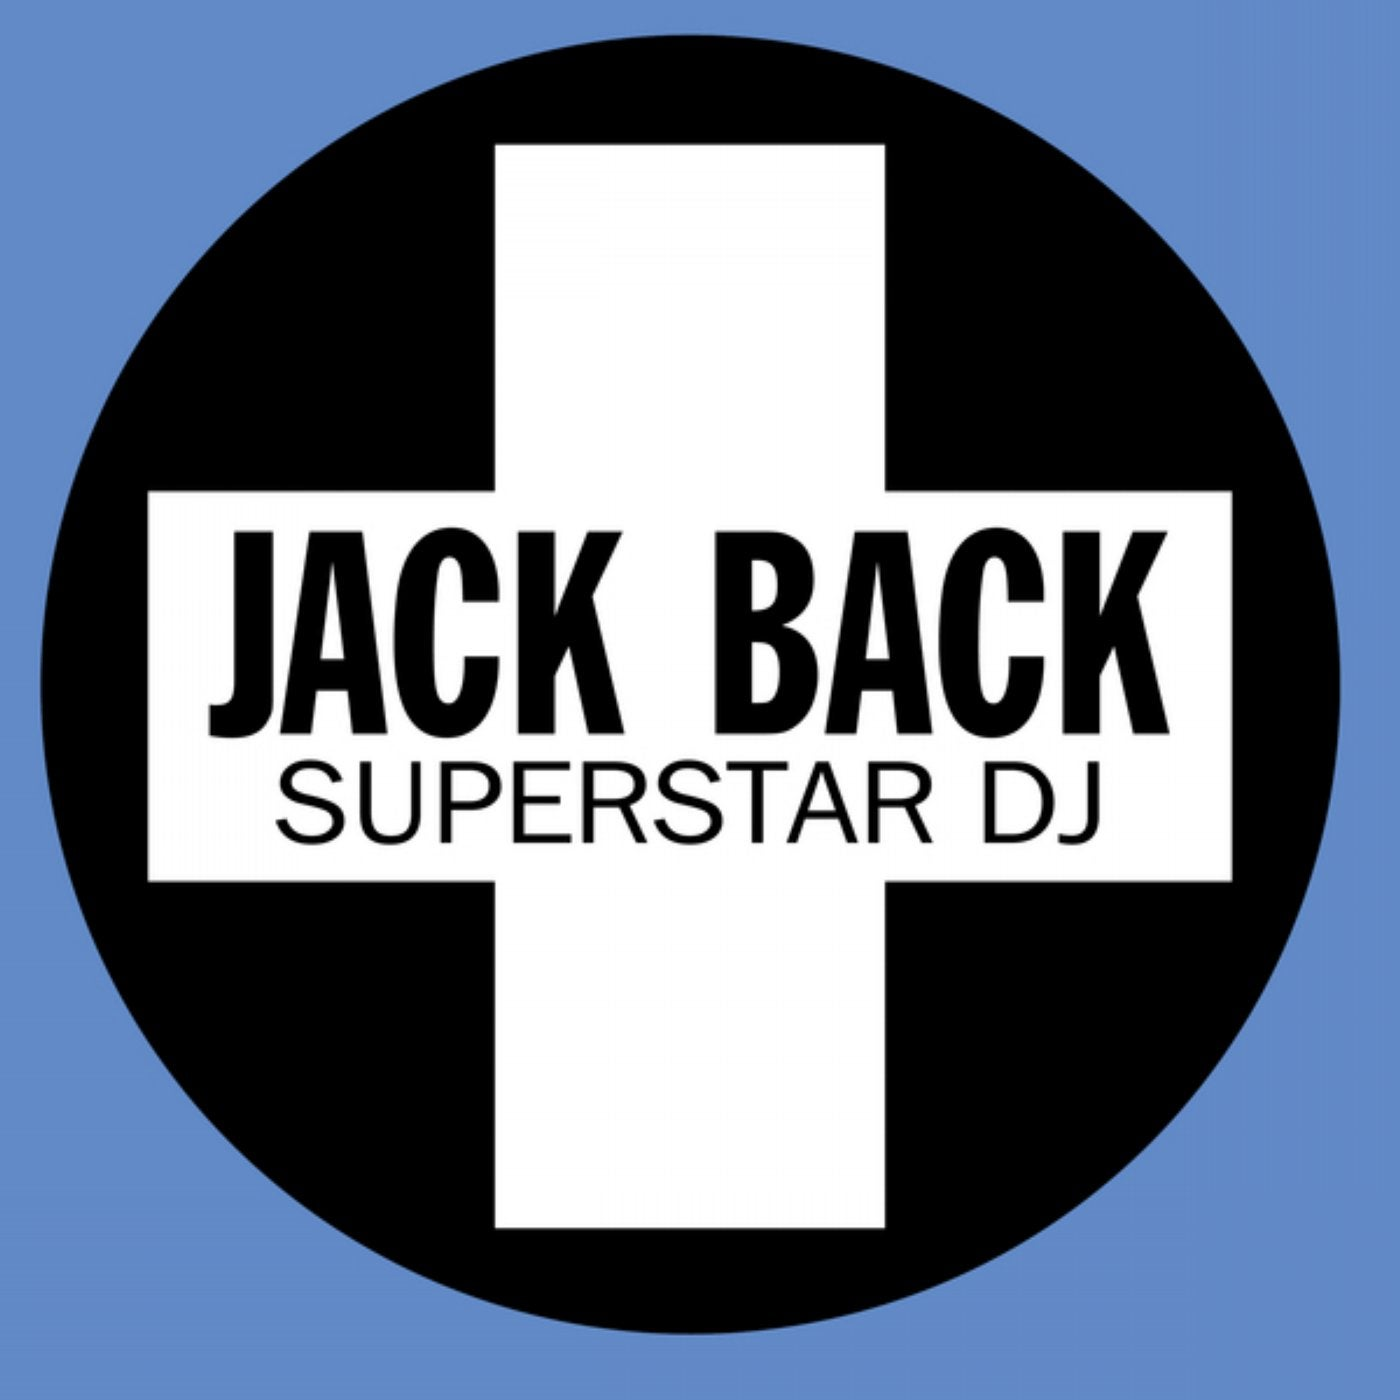 Superstar DJ (Extended Mix)